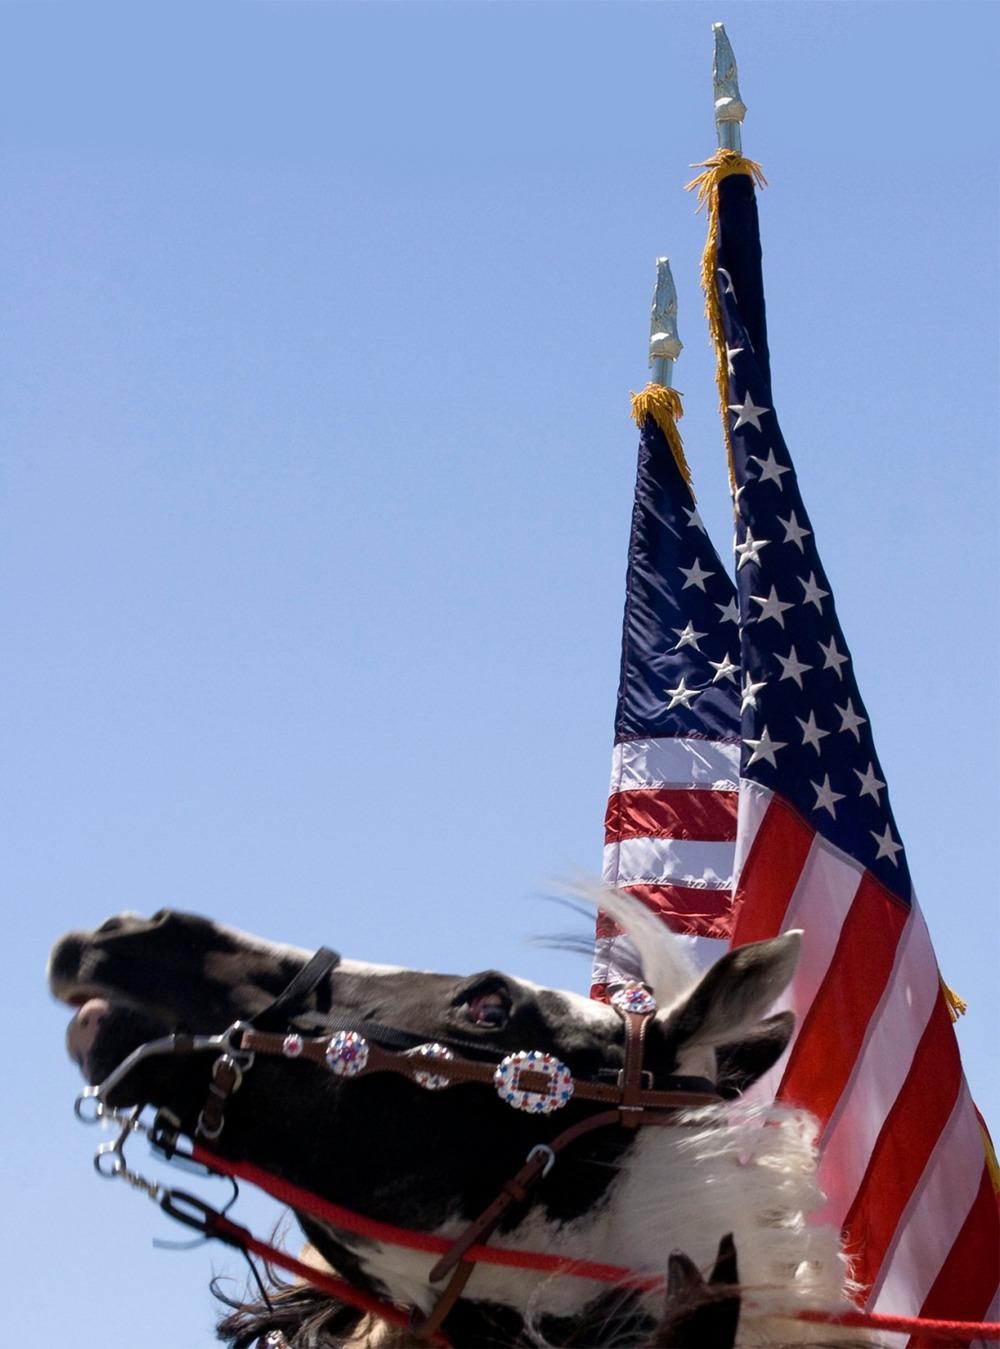 equinal+patriotism-troy+peterson.jpg